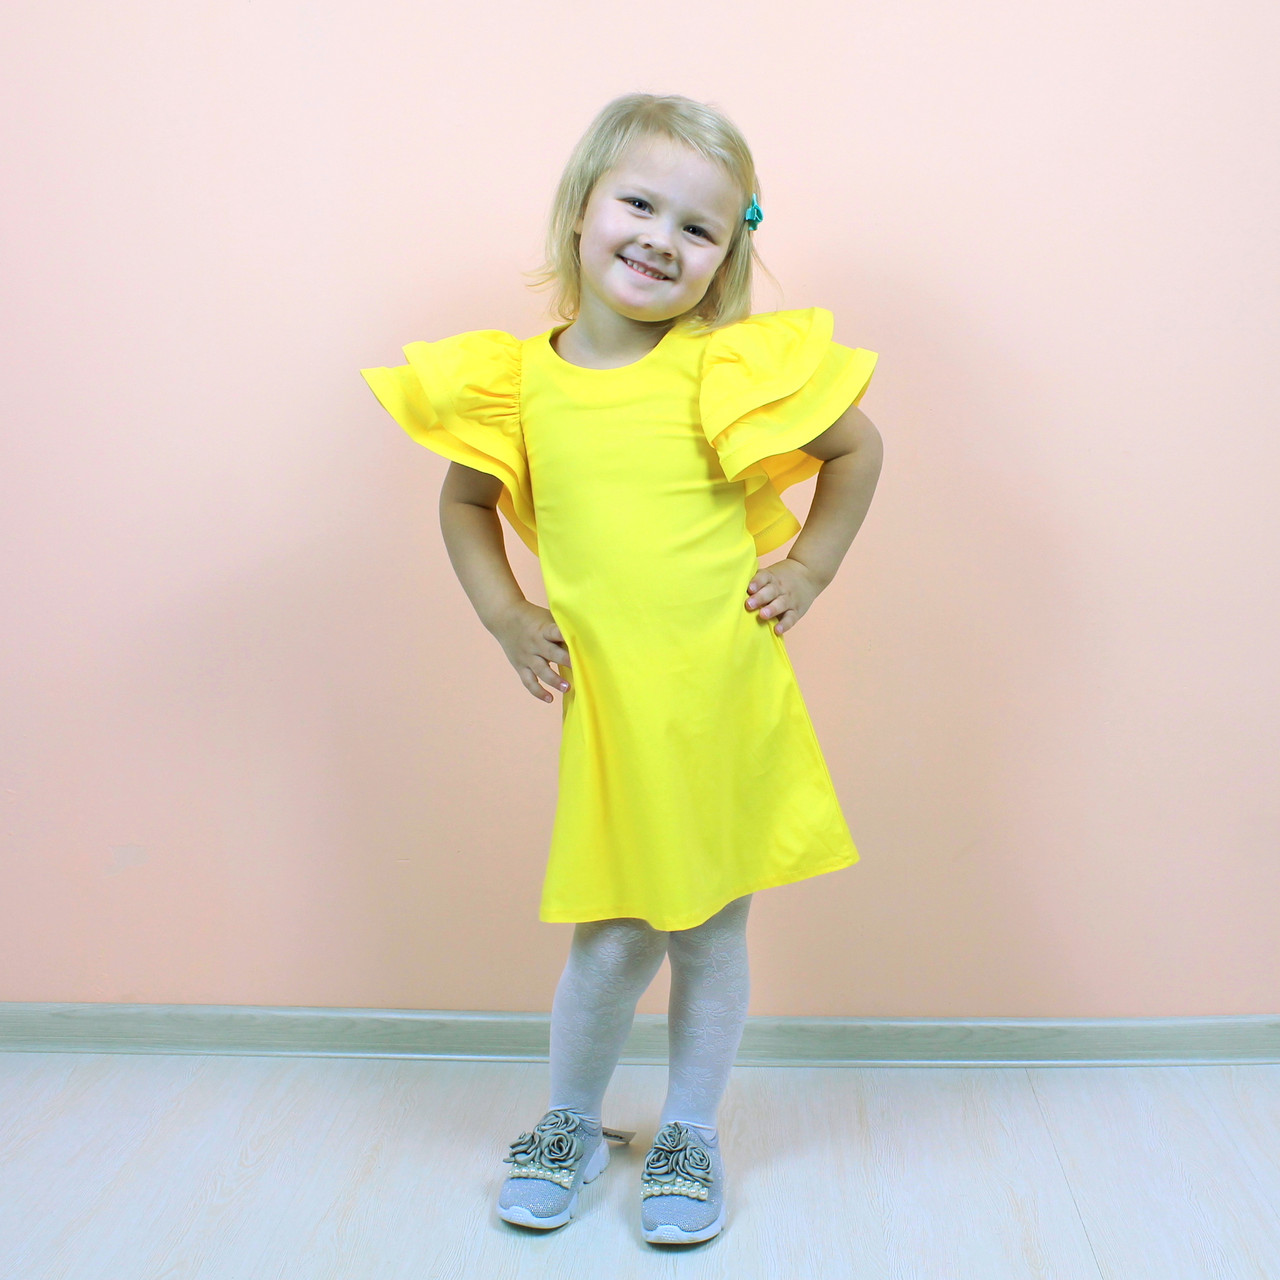 bf78e6a29bfd844 Купить Детская платье баранчик желтое размер M/134, XL/146 в Киеве ...